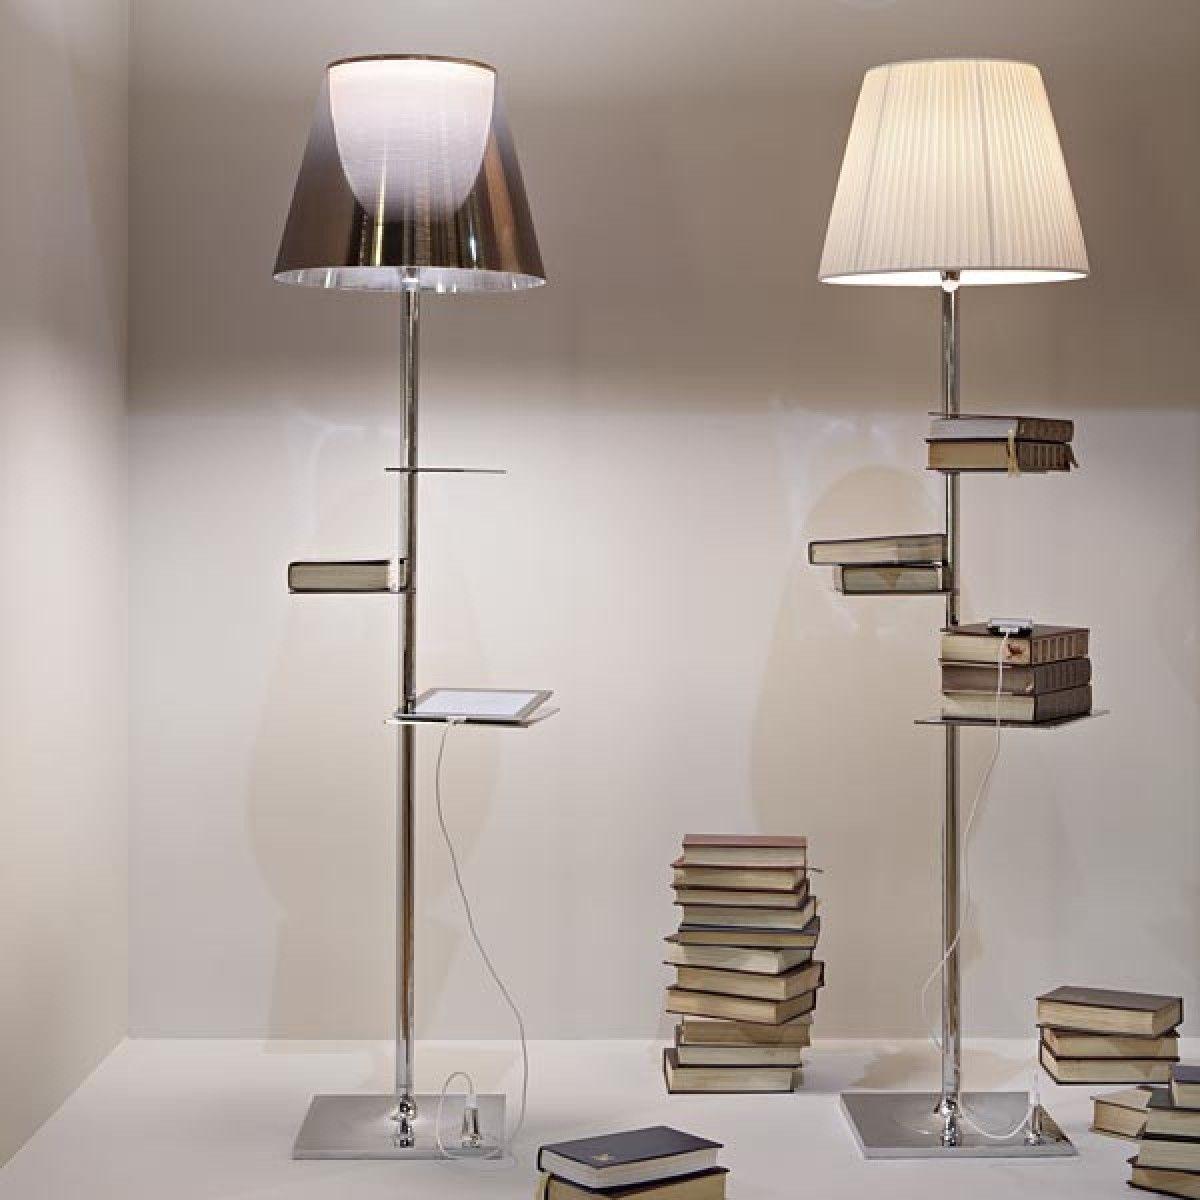 Floor lights standard lamps bibliotheque nationale floor lamp floor lights standard lamps mozeypictures Gallery